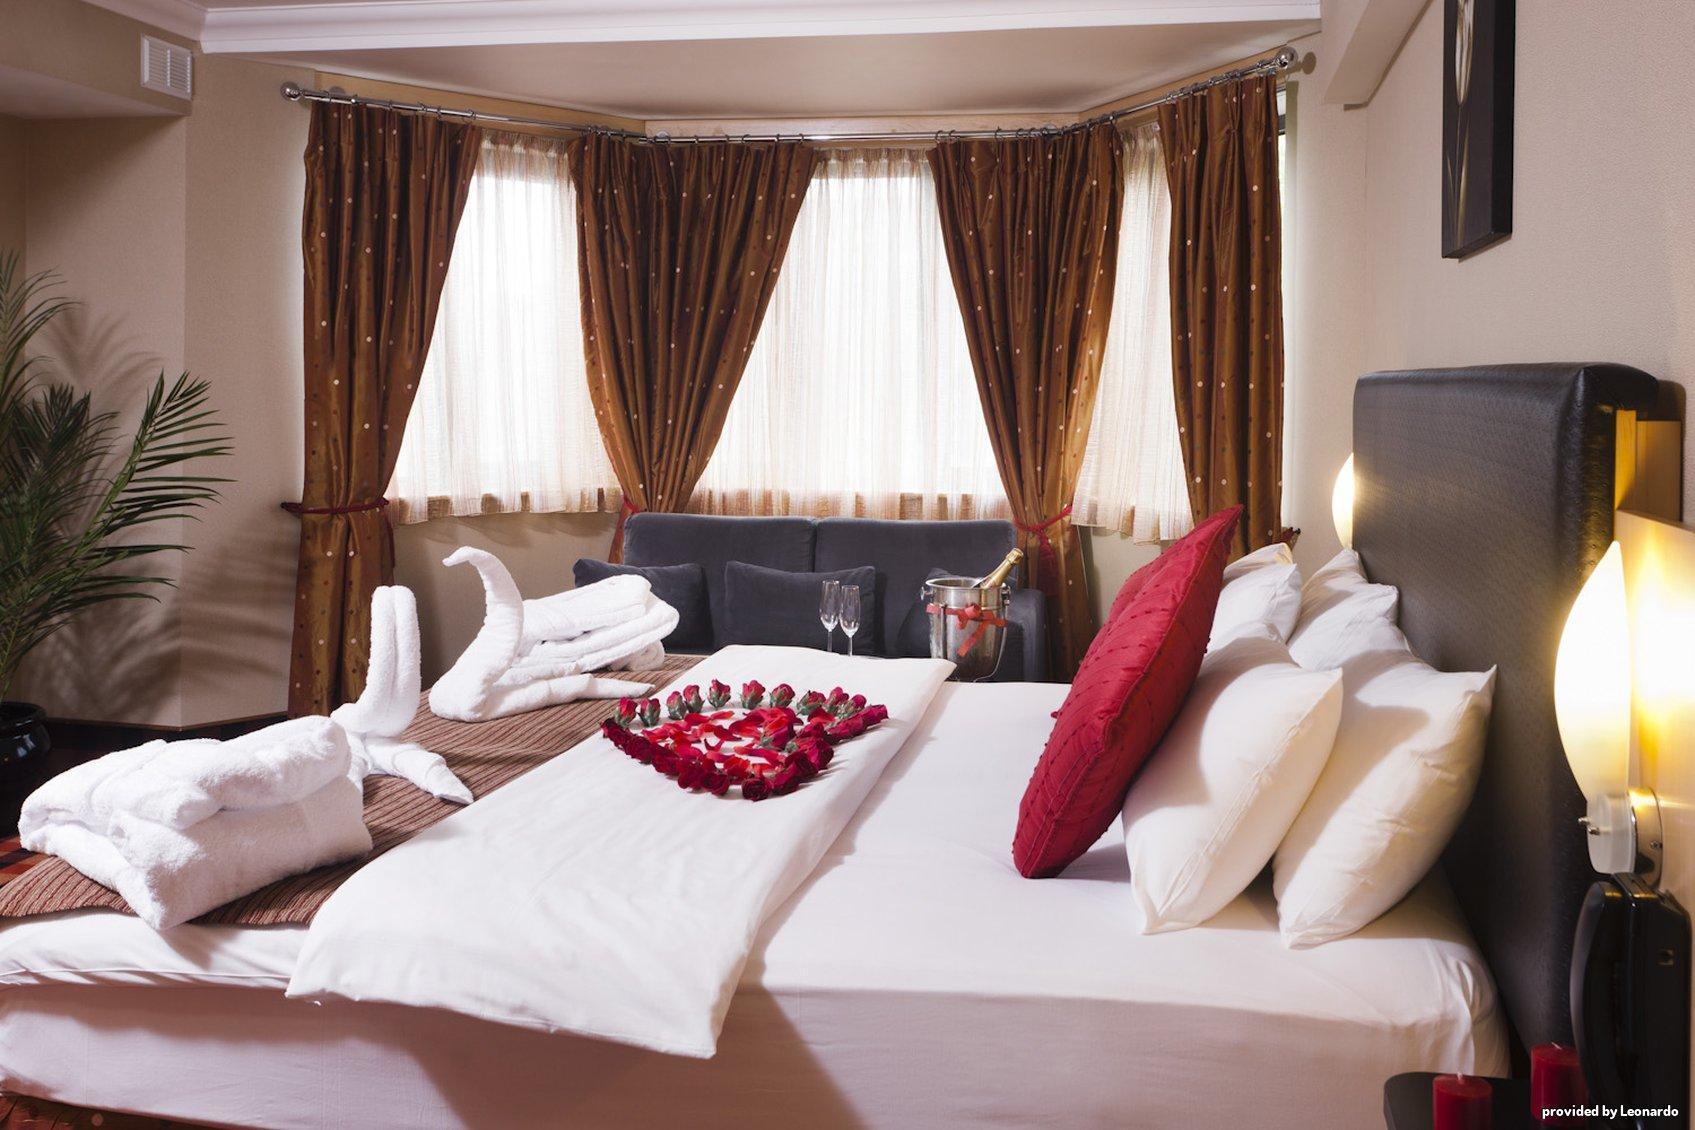 Academy Plaza Hotel Dublin